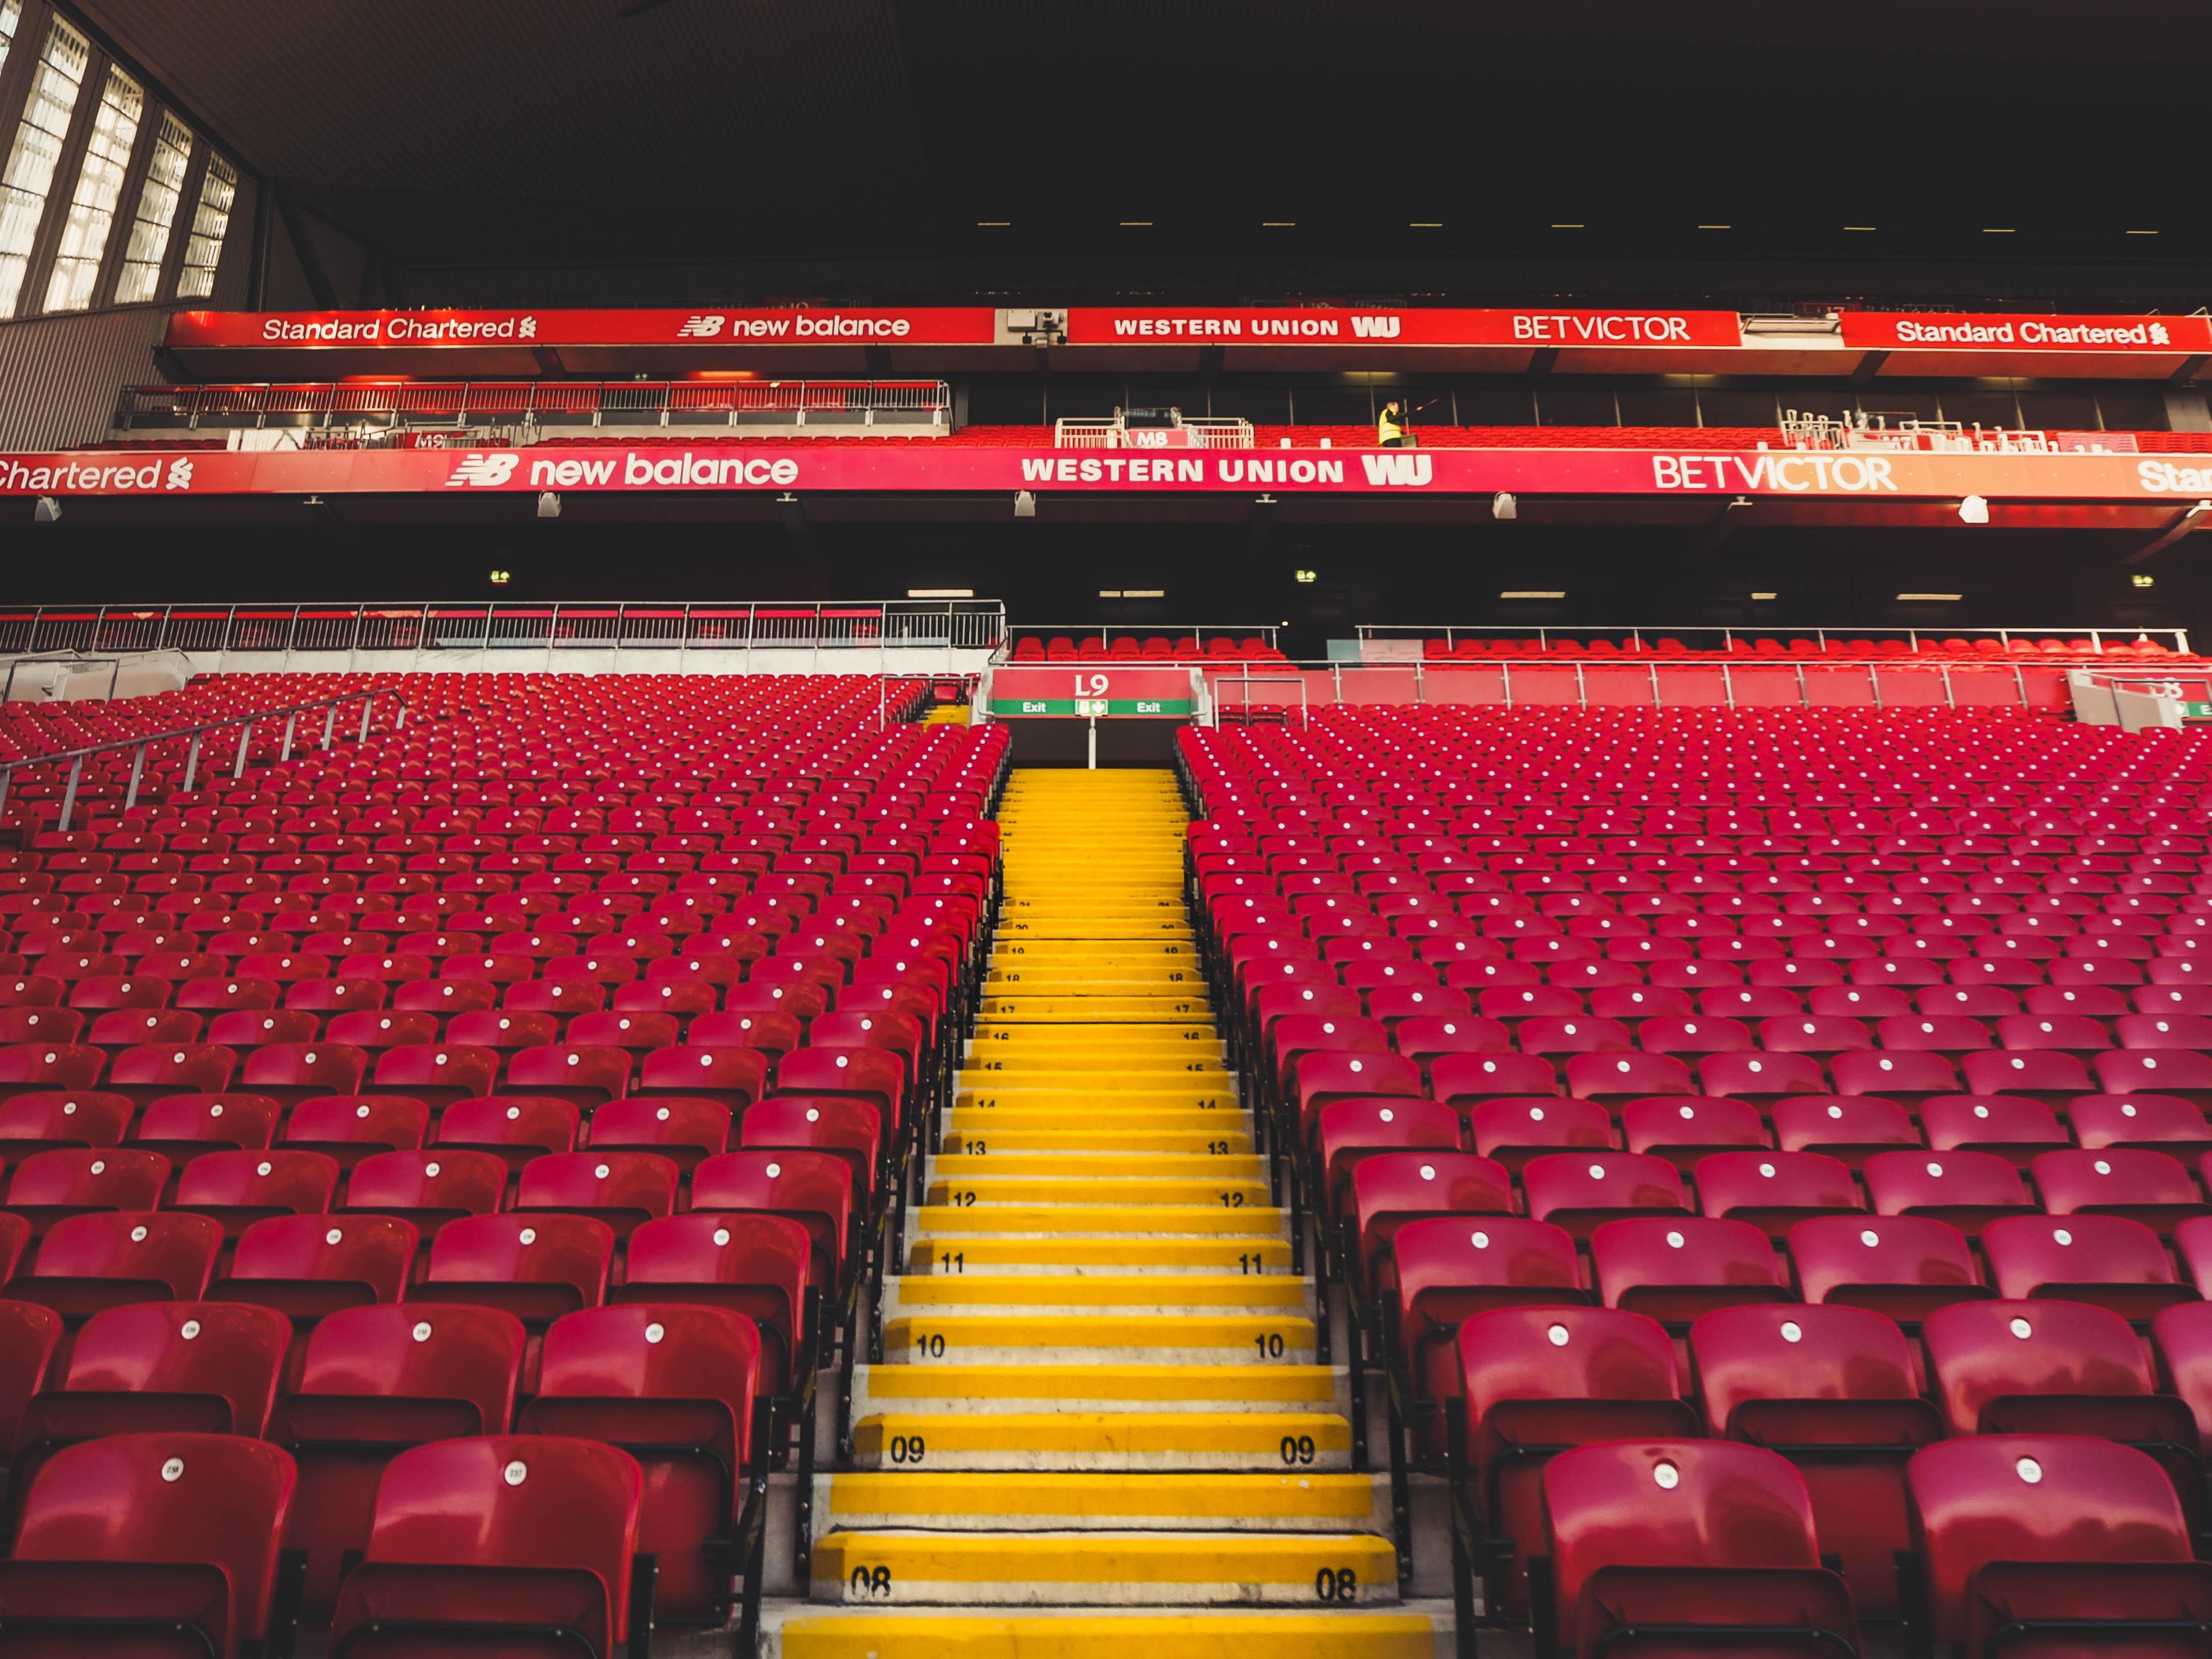 Cette catastrophe naturelle peut empêcher Liverpool de remporter la Premier League et les fans réagissent ironiquement.